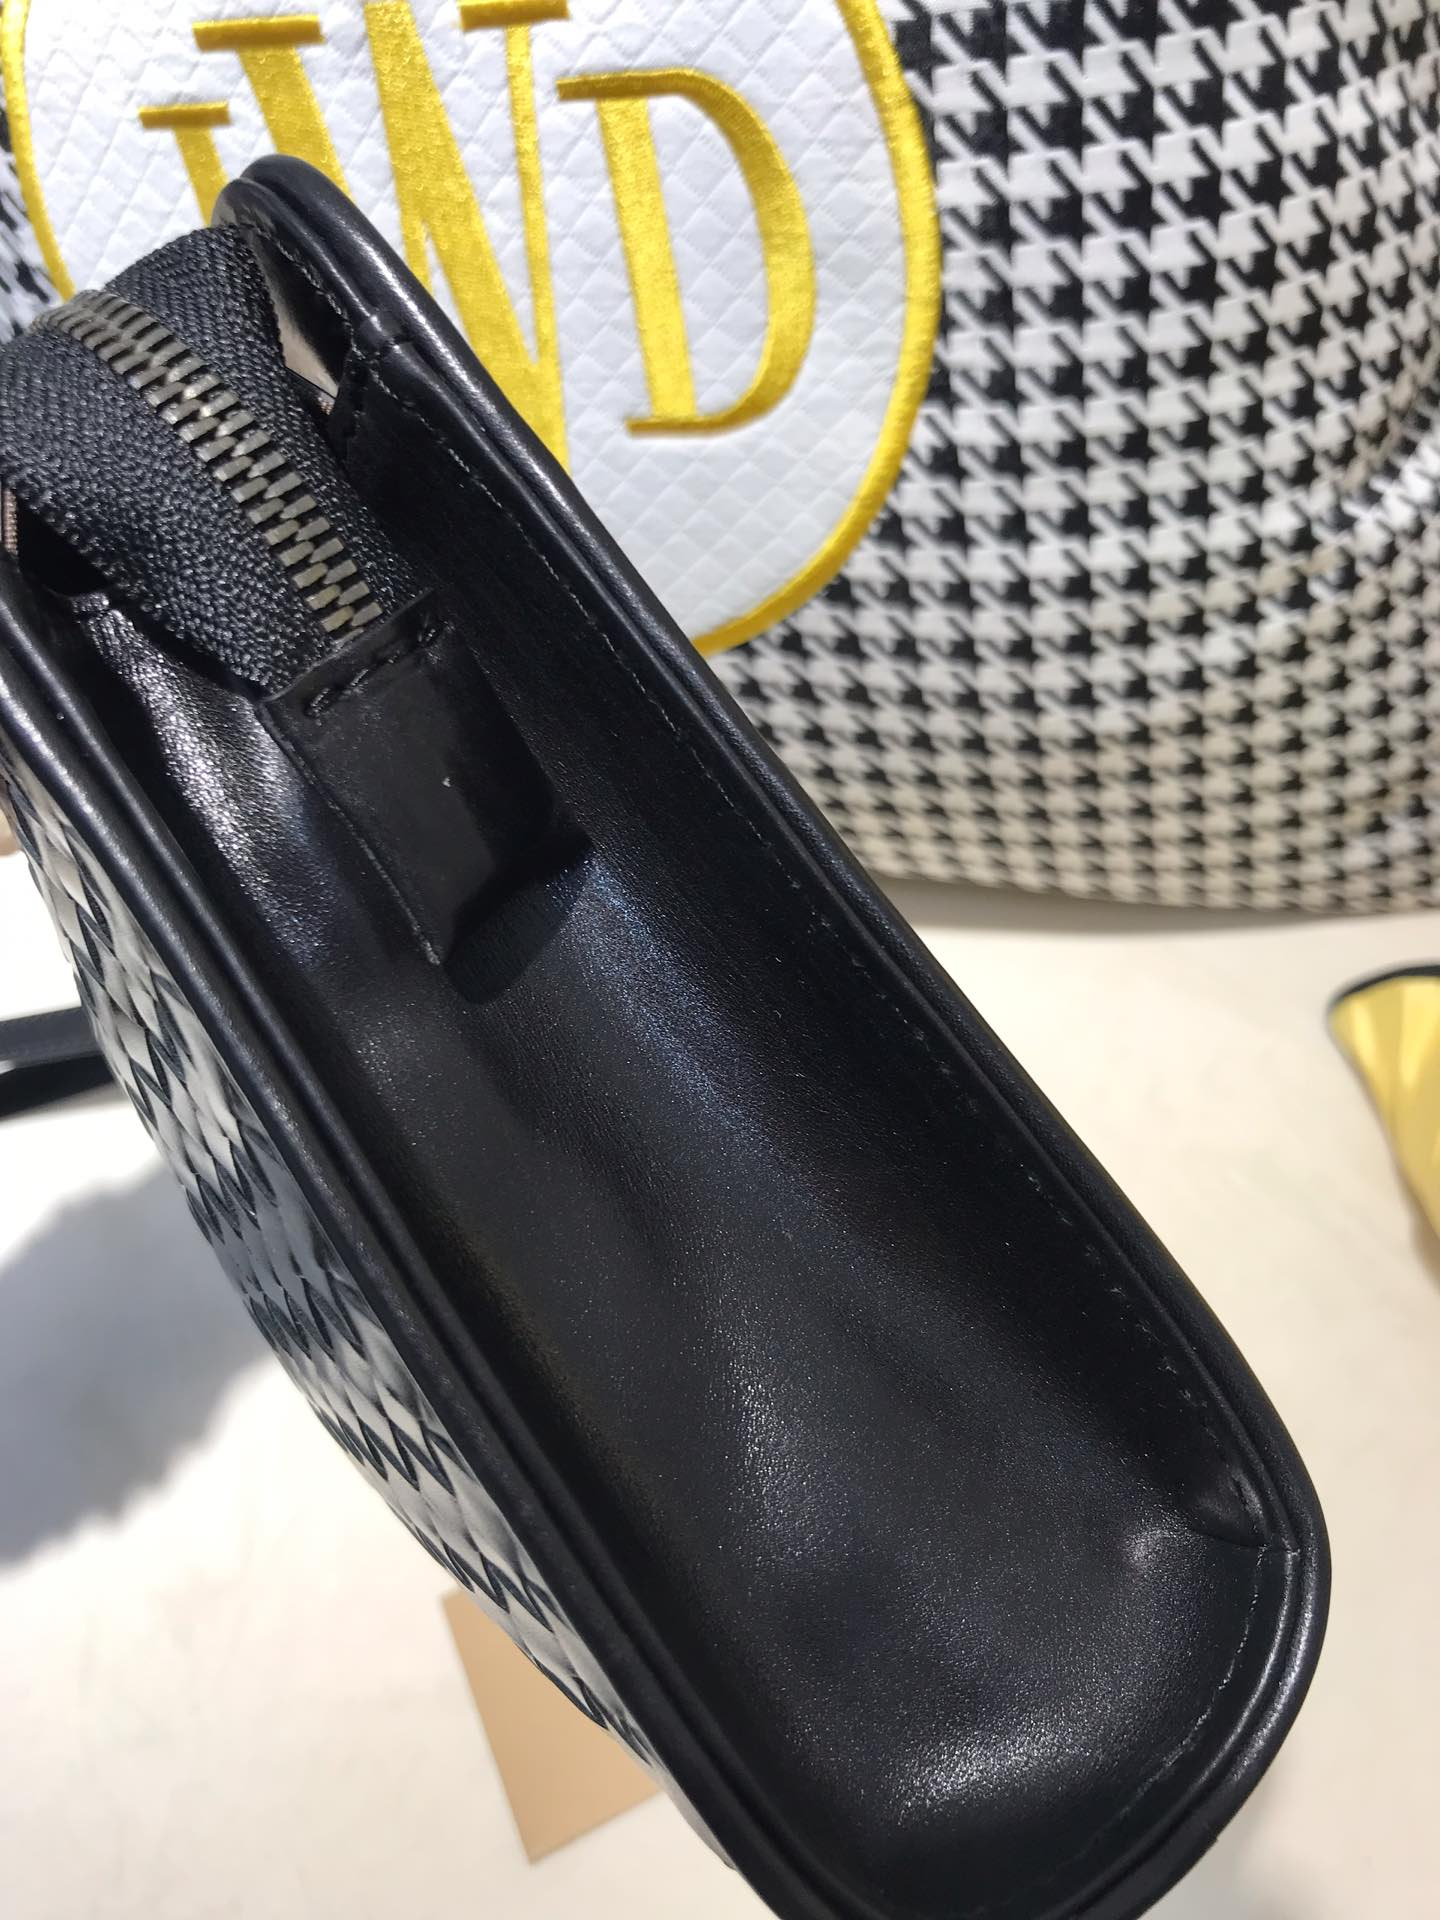 宝缇嘉 代购版8816 顶级原版胎牛皮  内里进口布料 有手腕带 可以放mini ipd